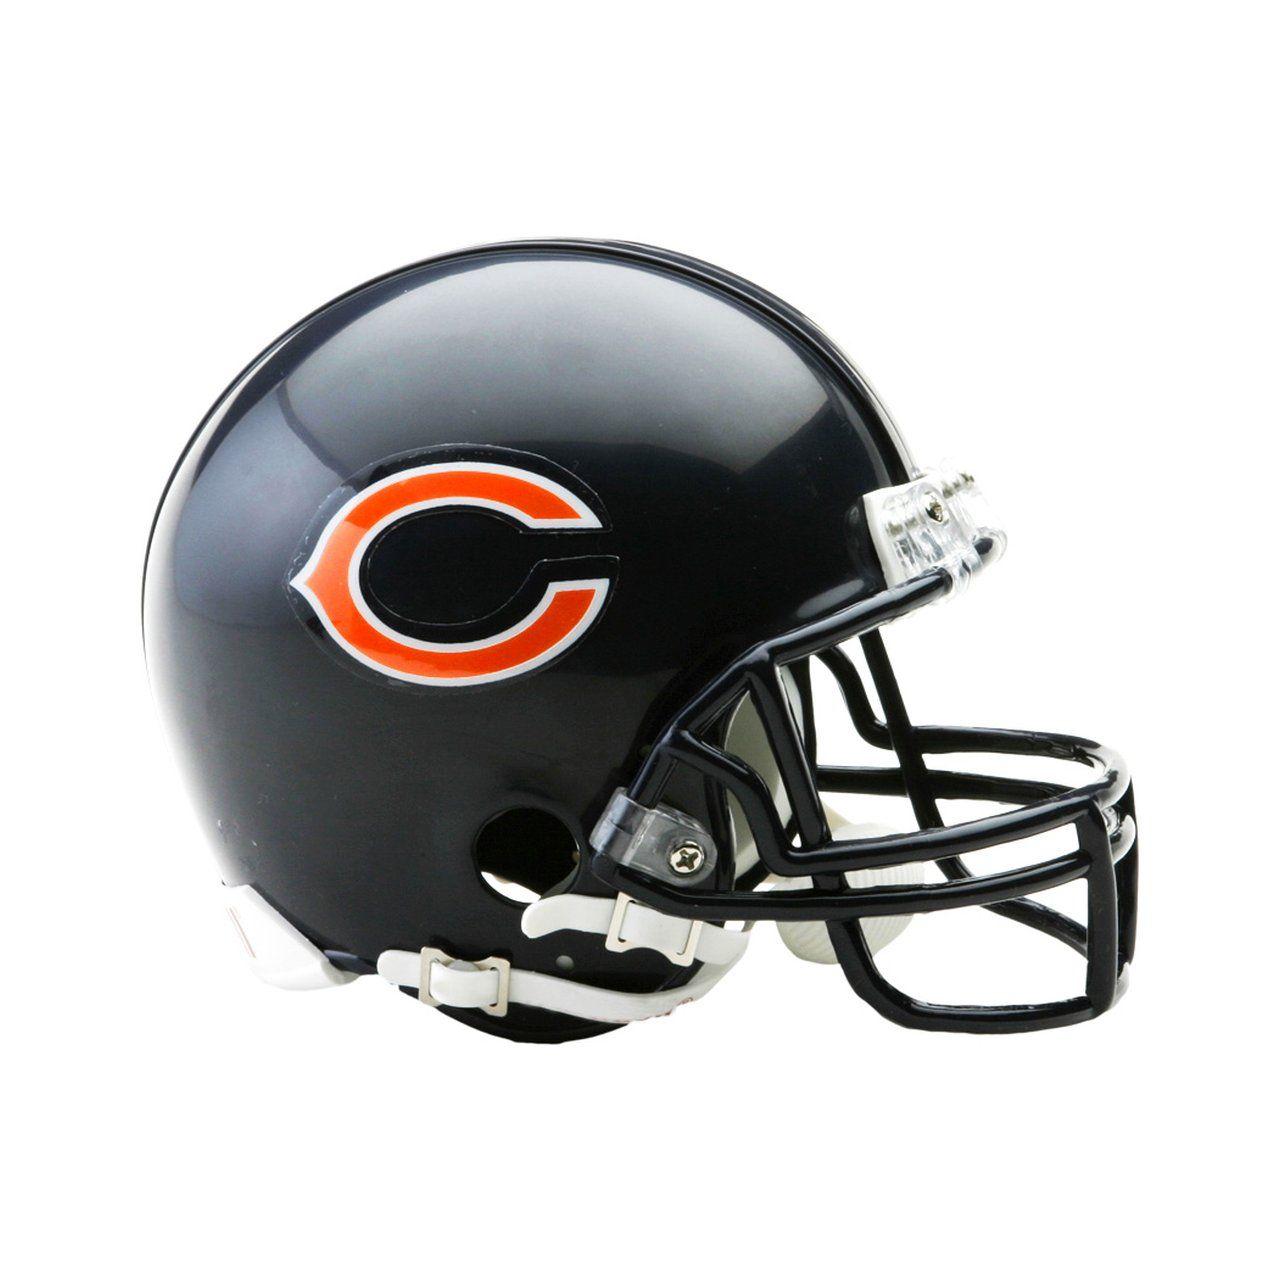 amfoo - Riddell VSR4 Mini Football Helm - NFL Chicago Bears